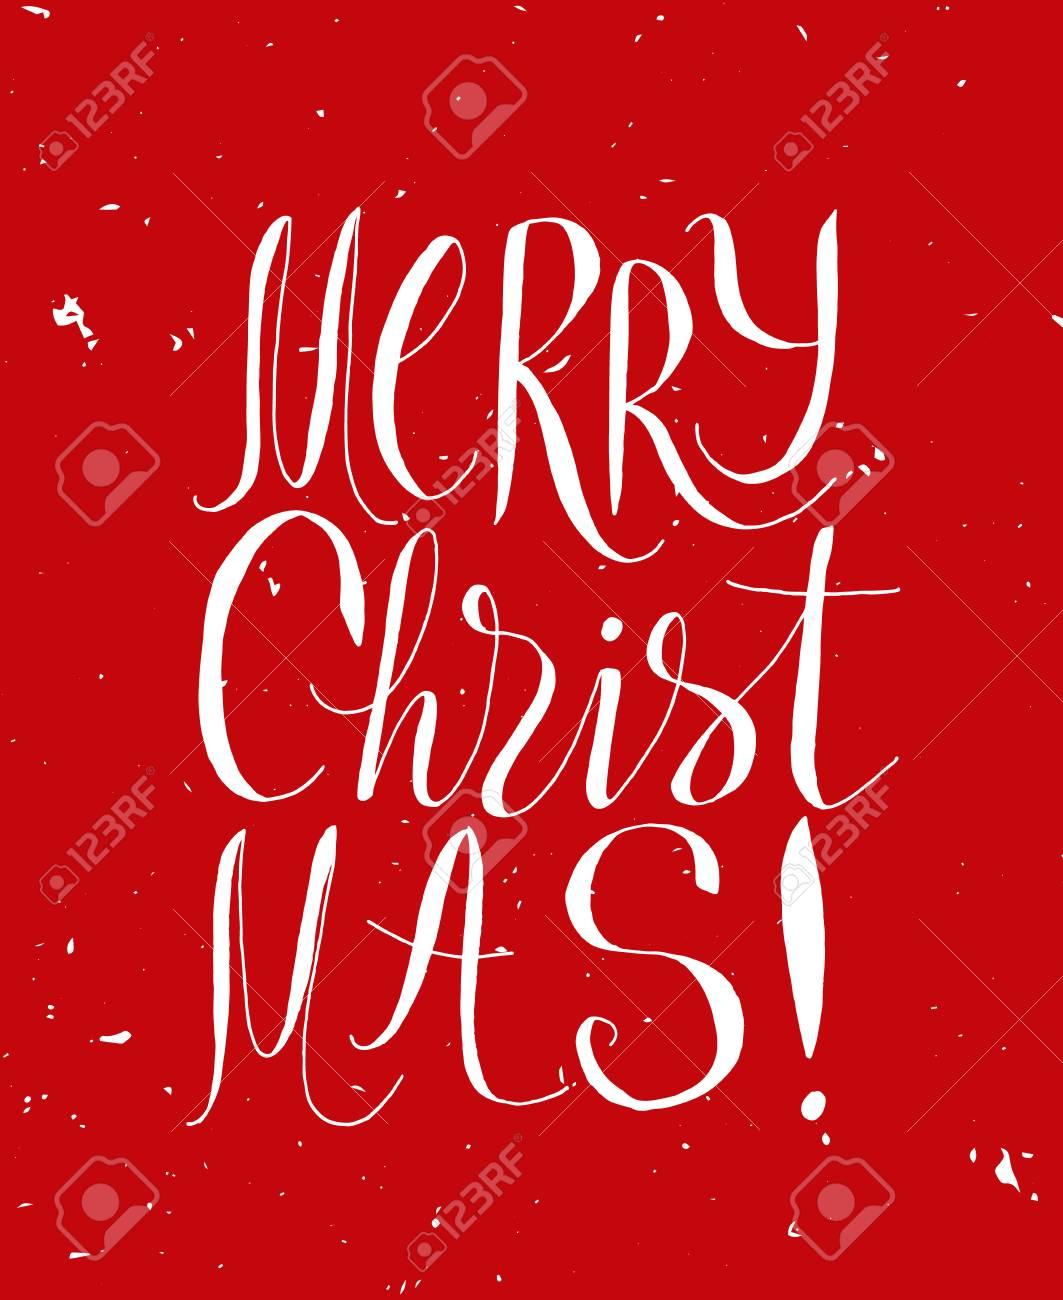 Rote Gruß Weihnachtskarte Mit Handgezeichneten Typografie Schriftzug ...